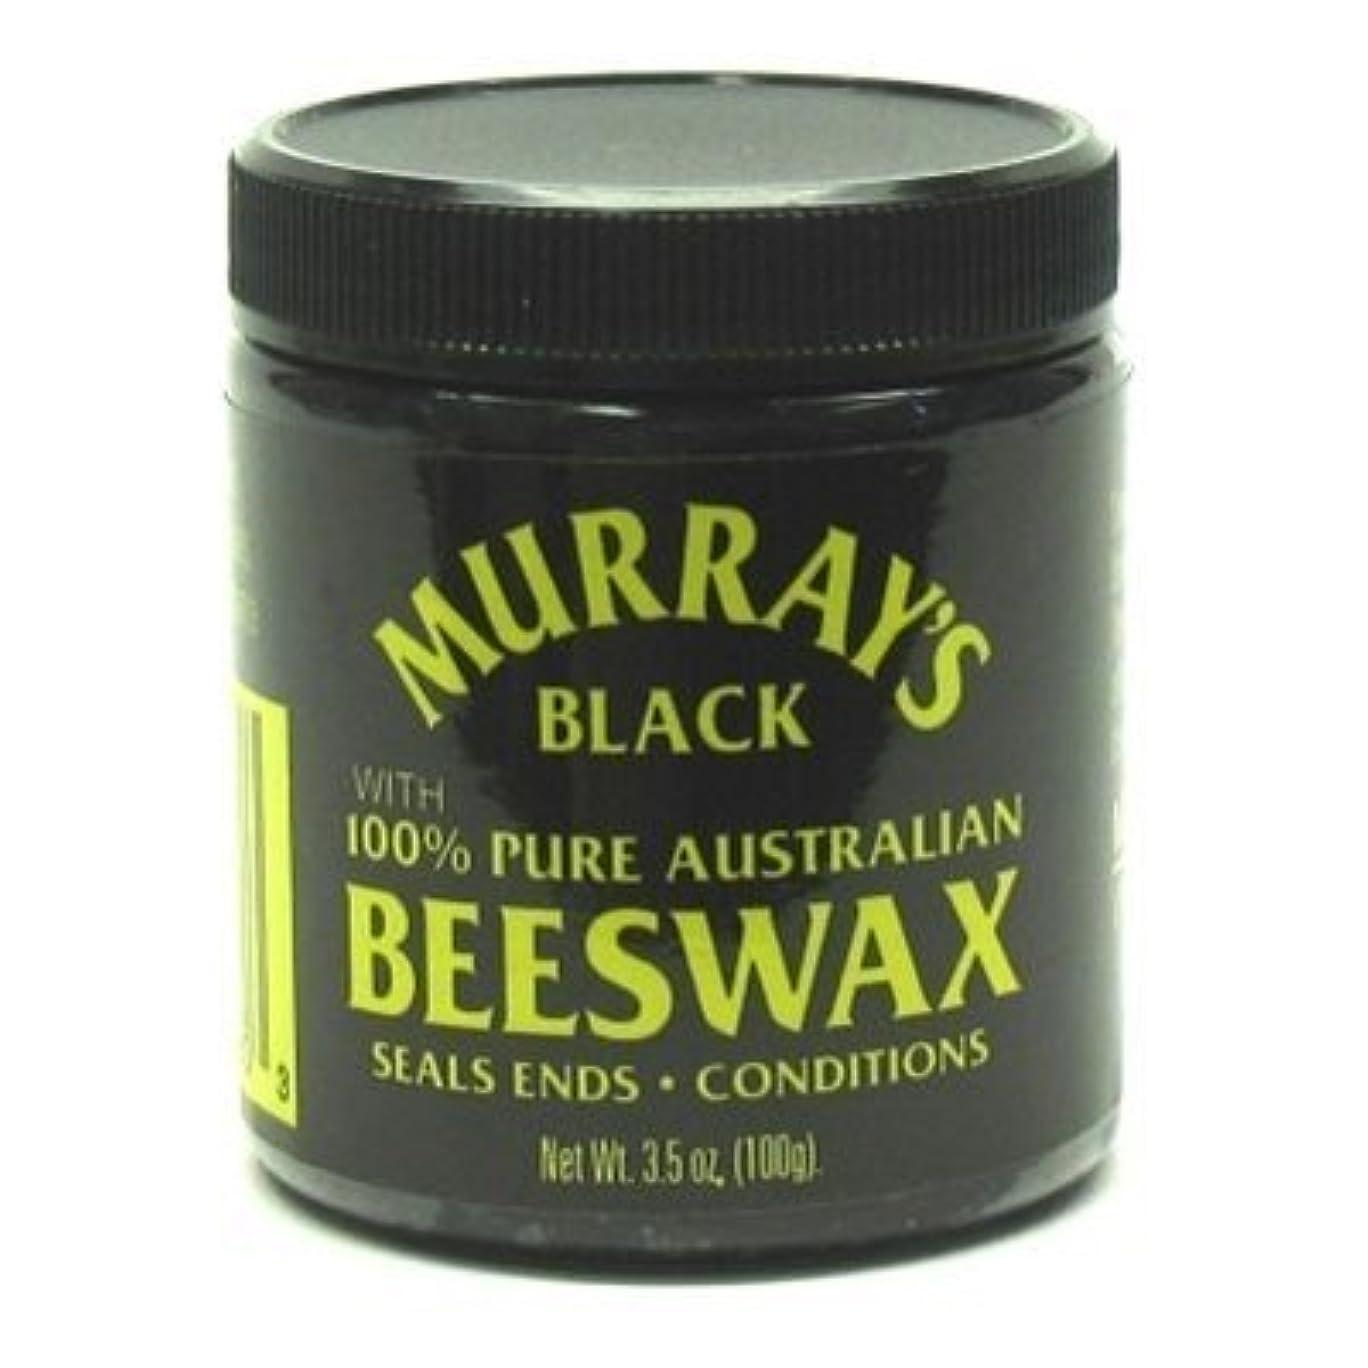 細胞社説地元Murray's 黒蜜ろう、3.5オズ(2パック)